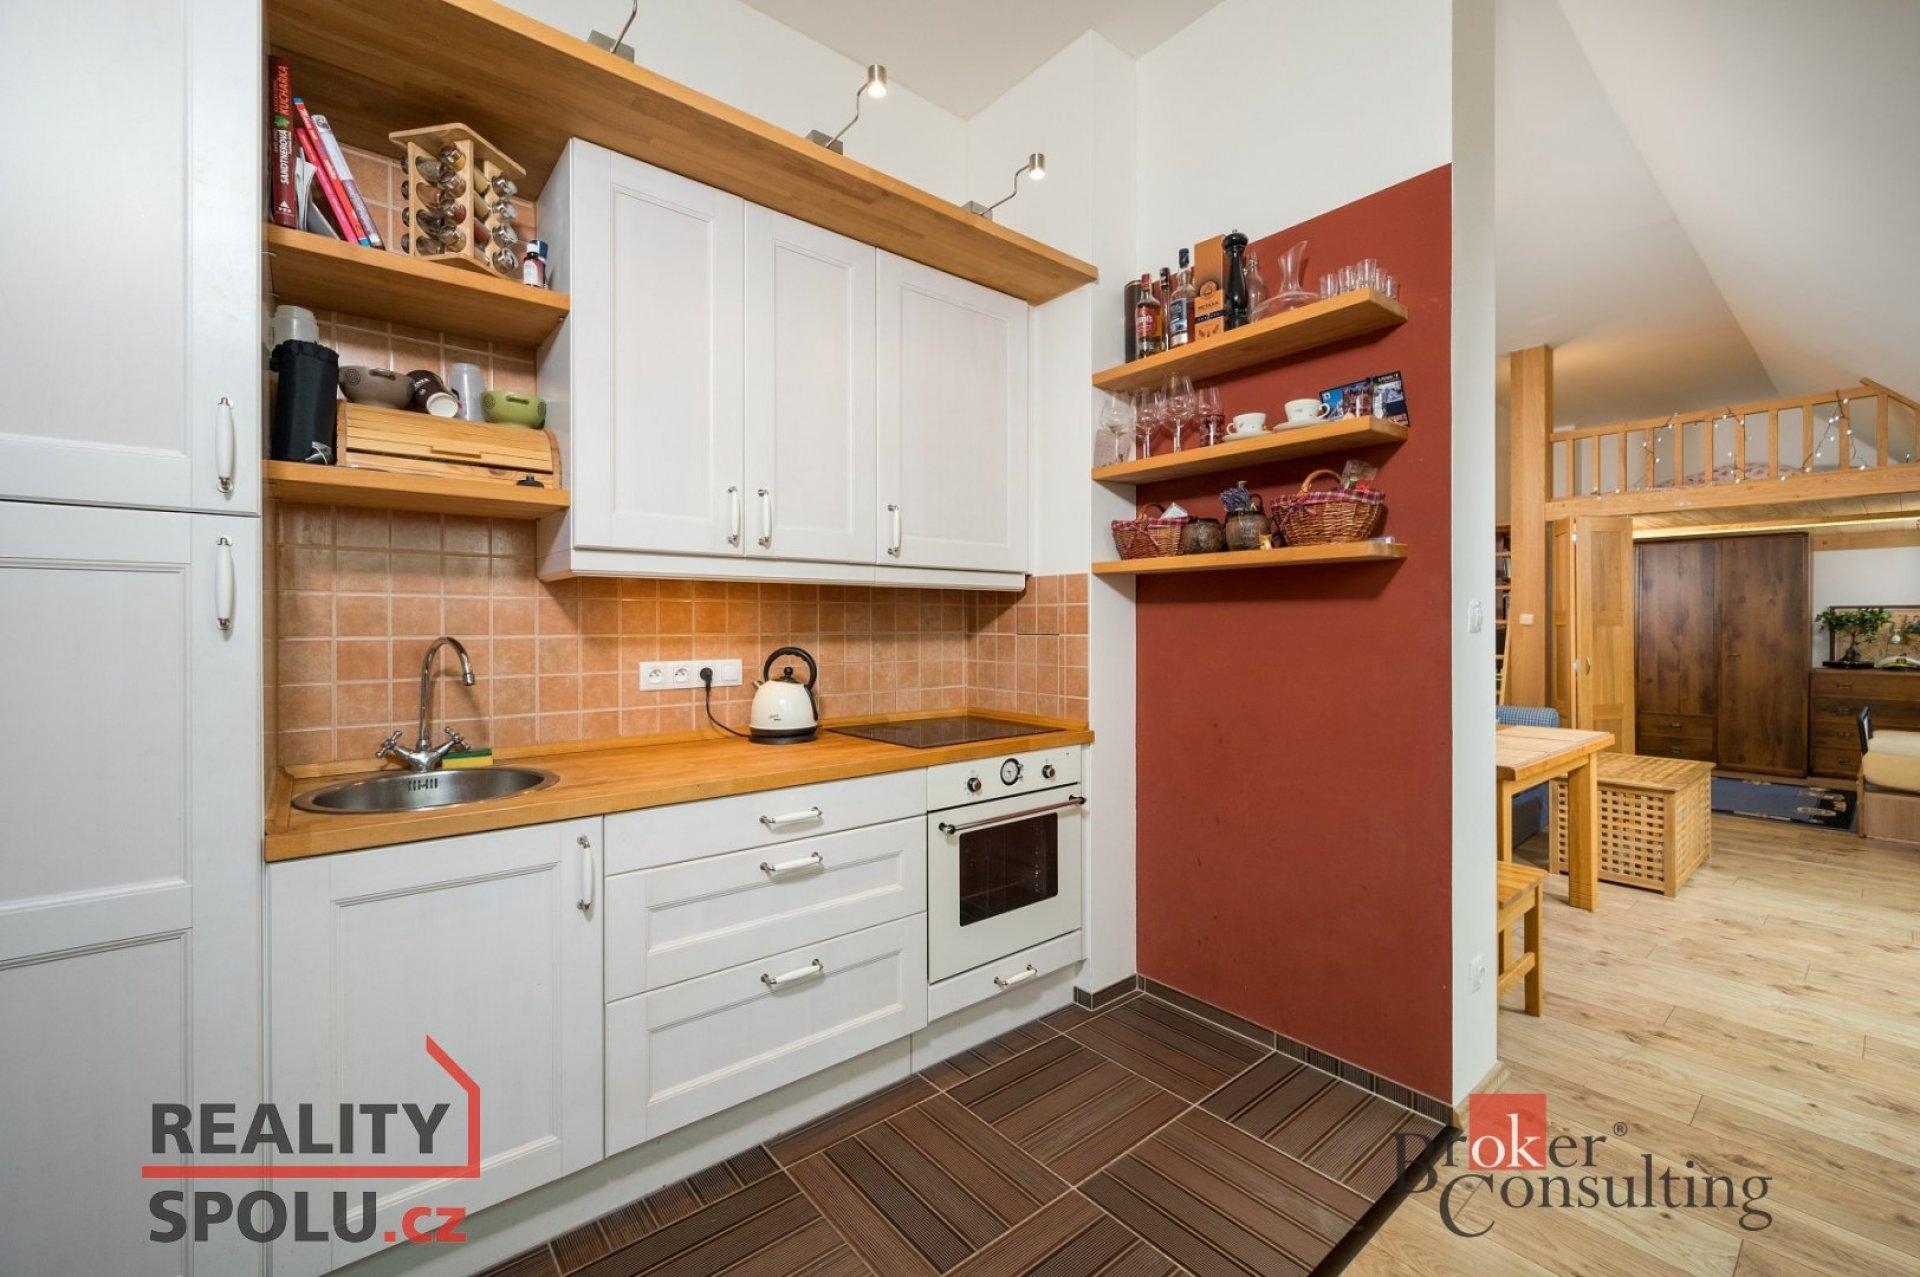 Prodej kompletně vybaveného apartmánu 1+kk, 50 m2, Jilemnice